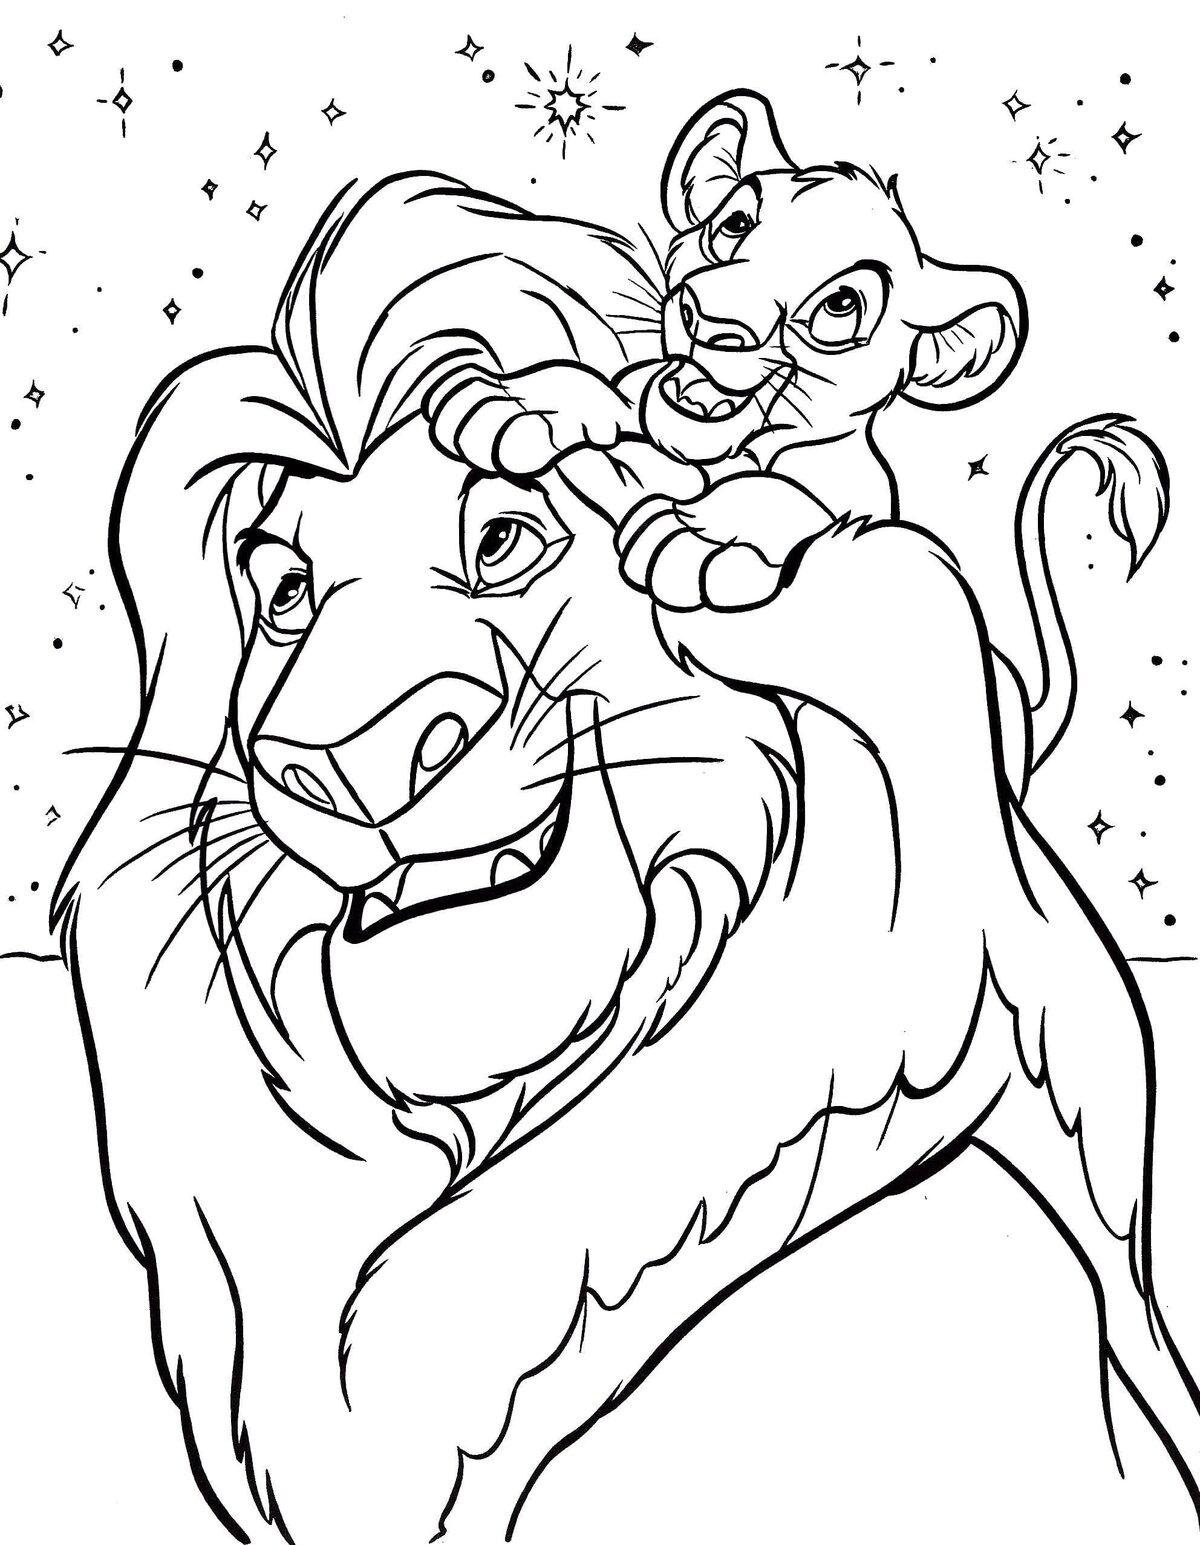 Король лев картинки печать